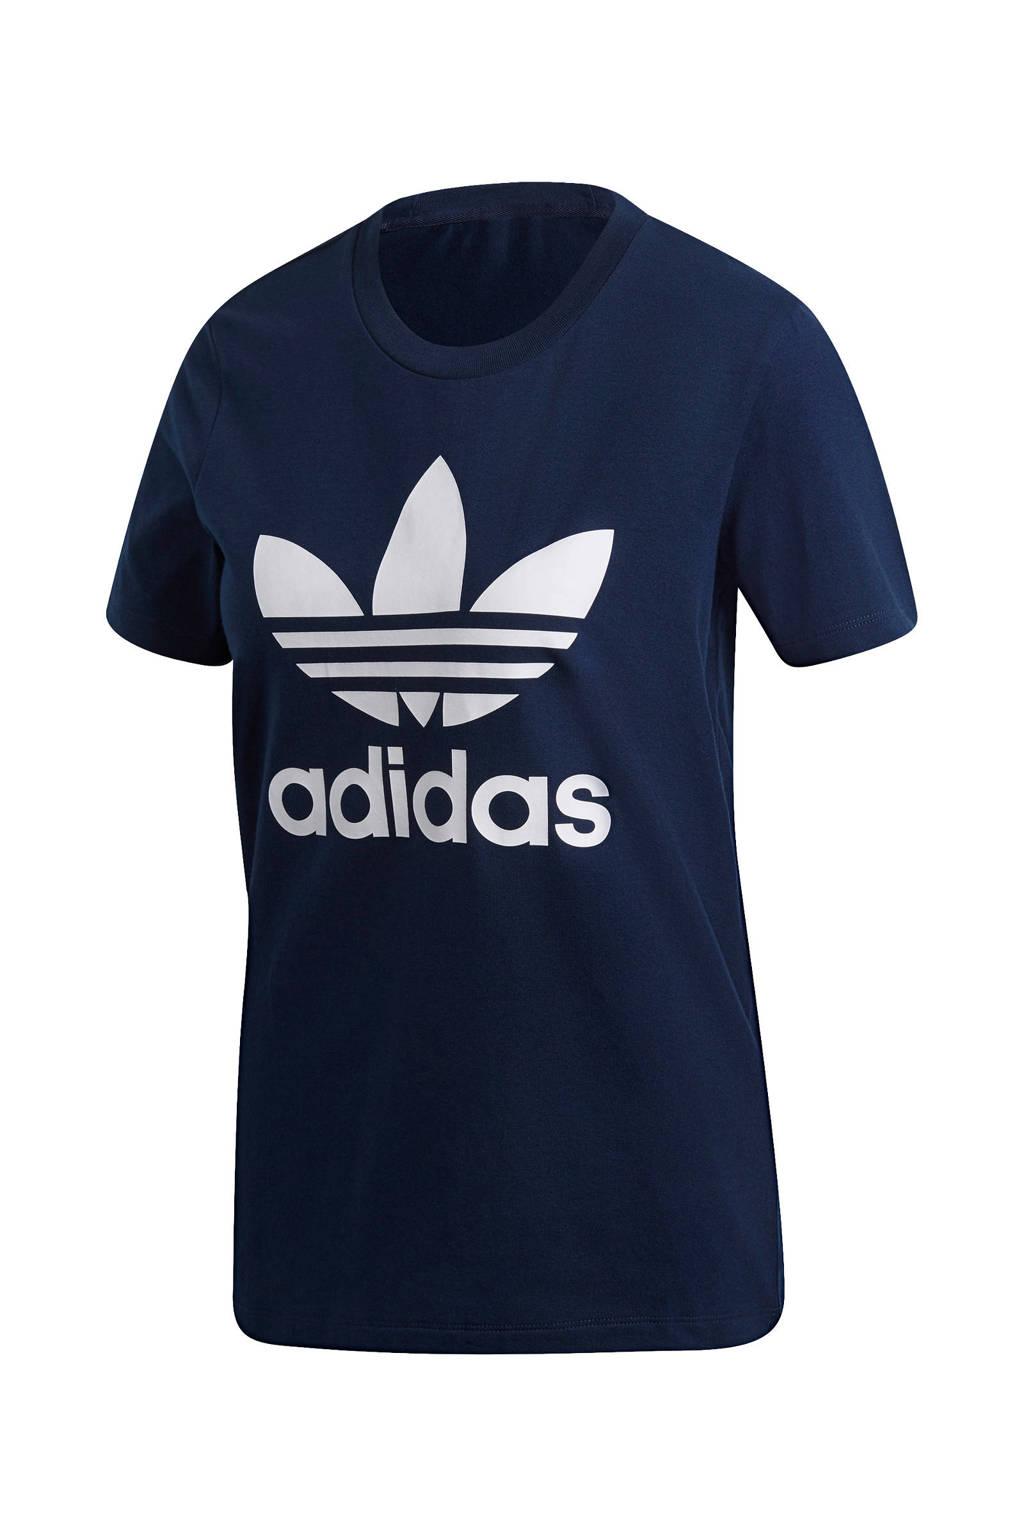 adidas Originals T-shirt donkerblauw, Donkerblauw